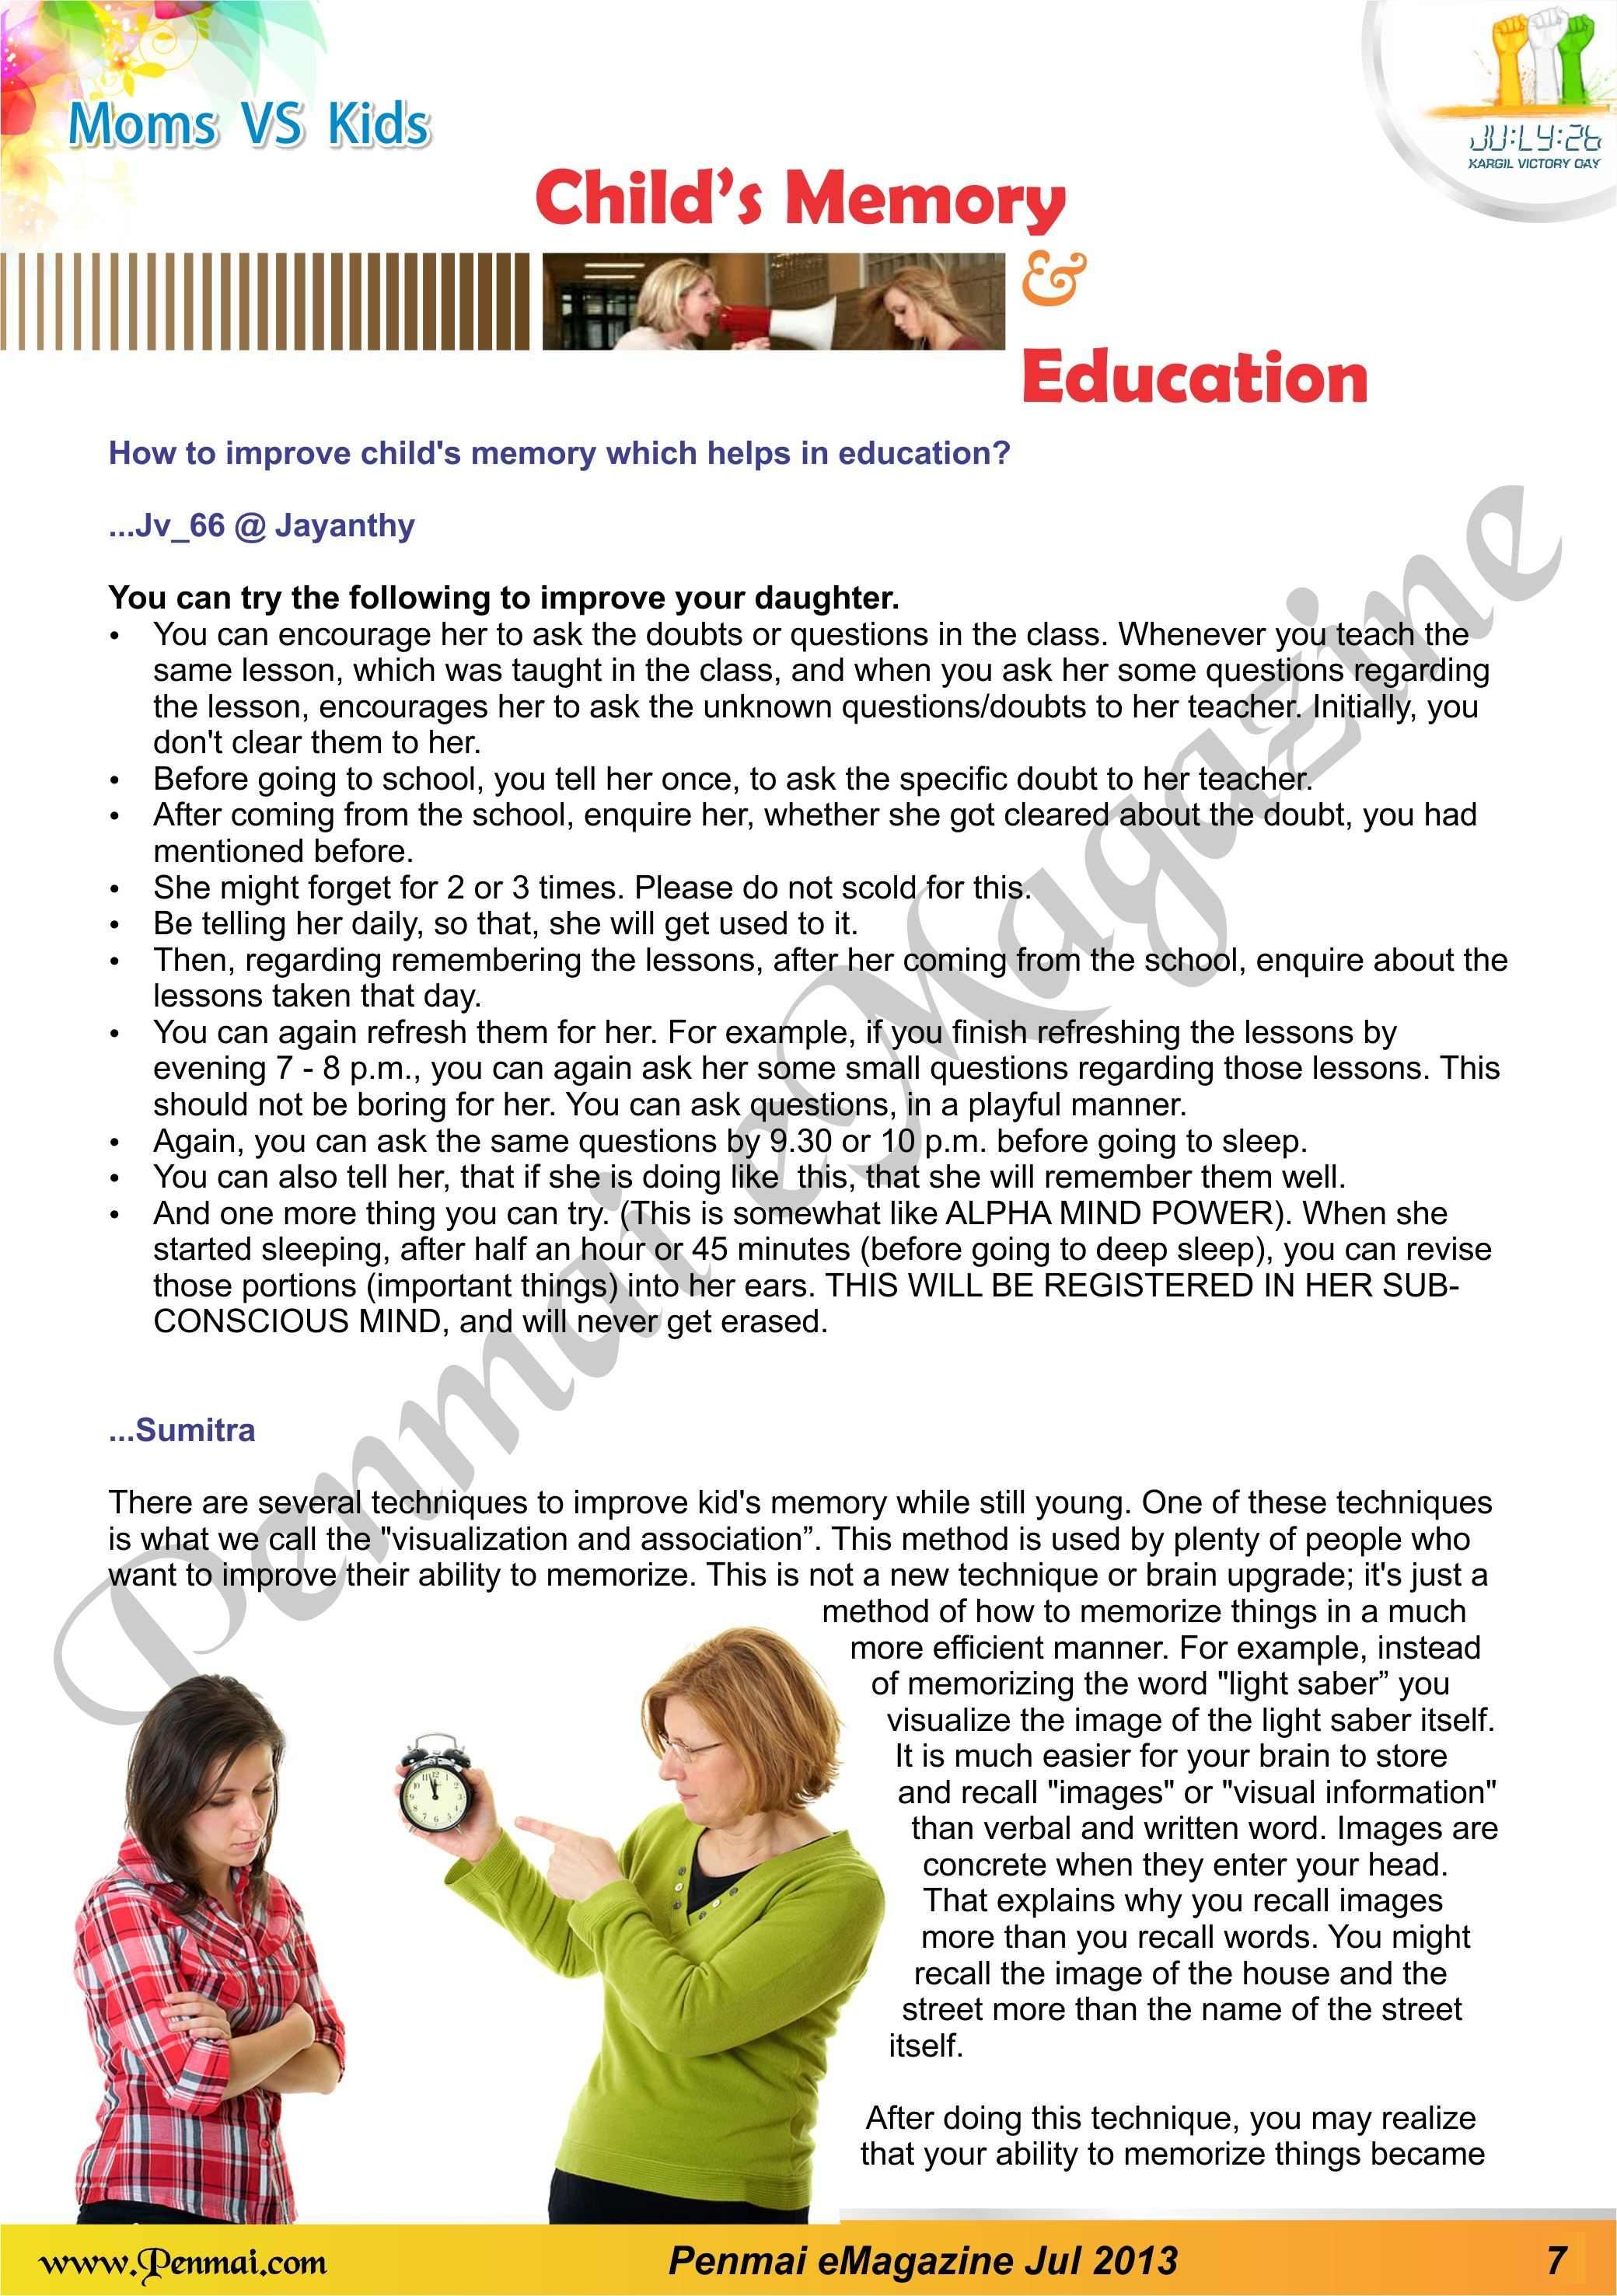 7-Penmai_July_emagazine-parenting-tips-1.jpg